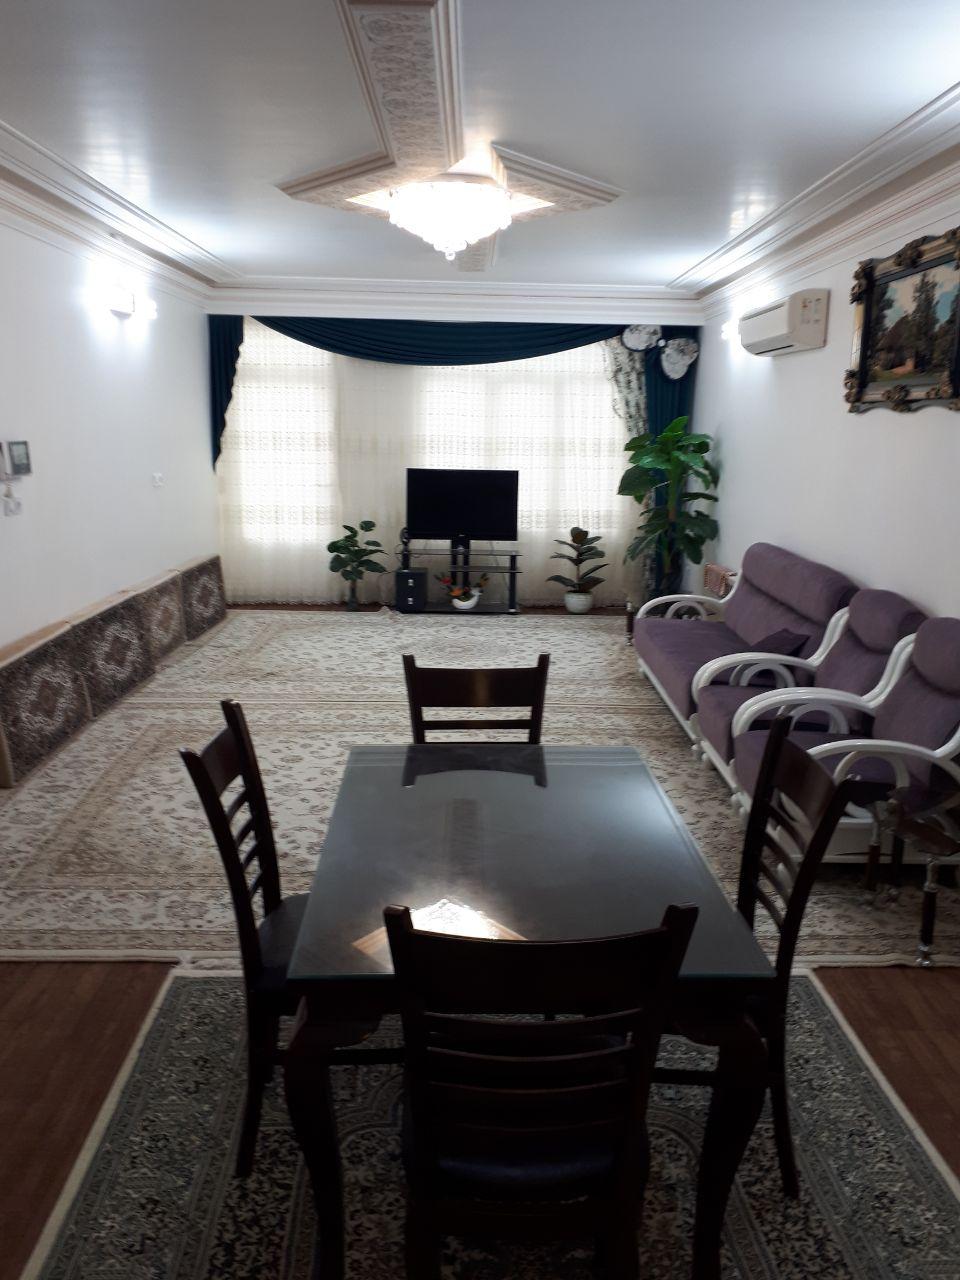 اجاره منزل دو خوابه در کاشان-کد ۱۰۴